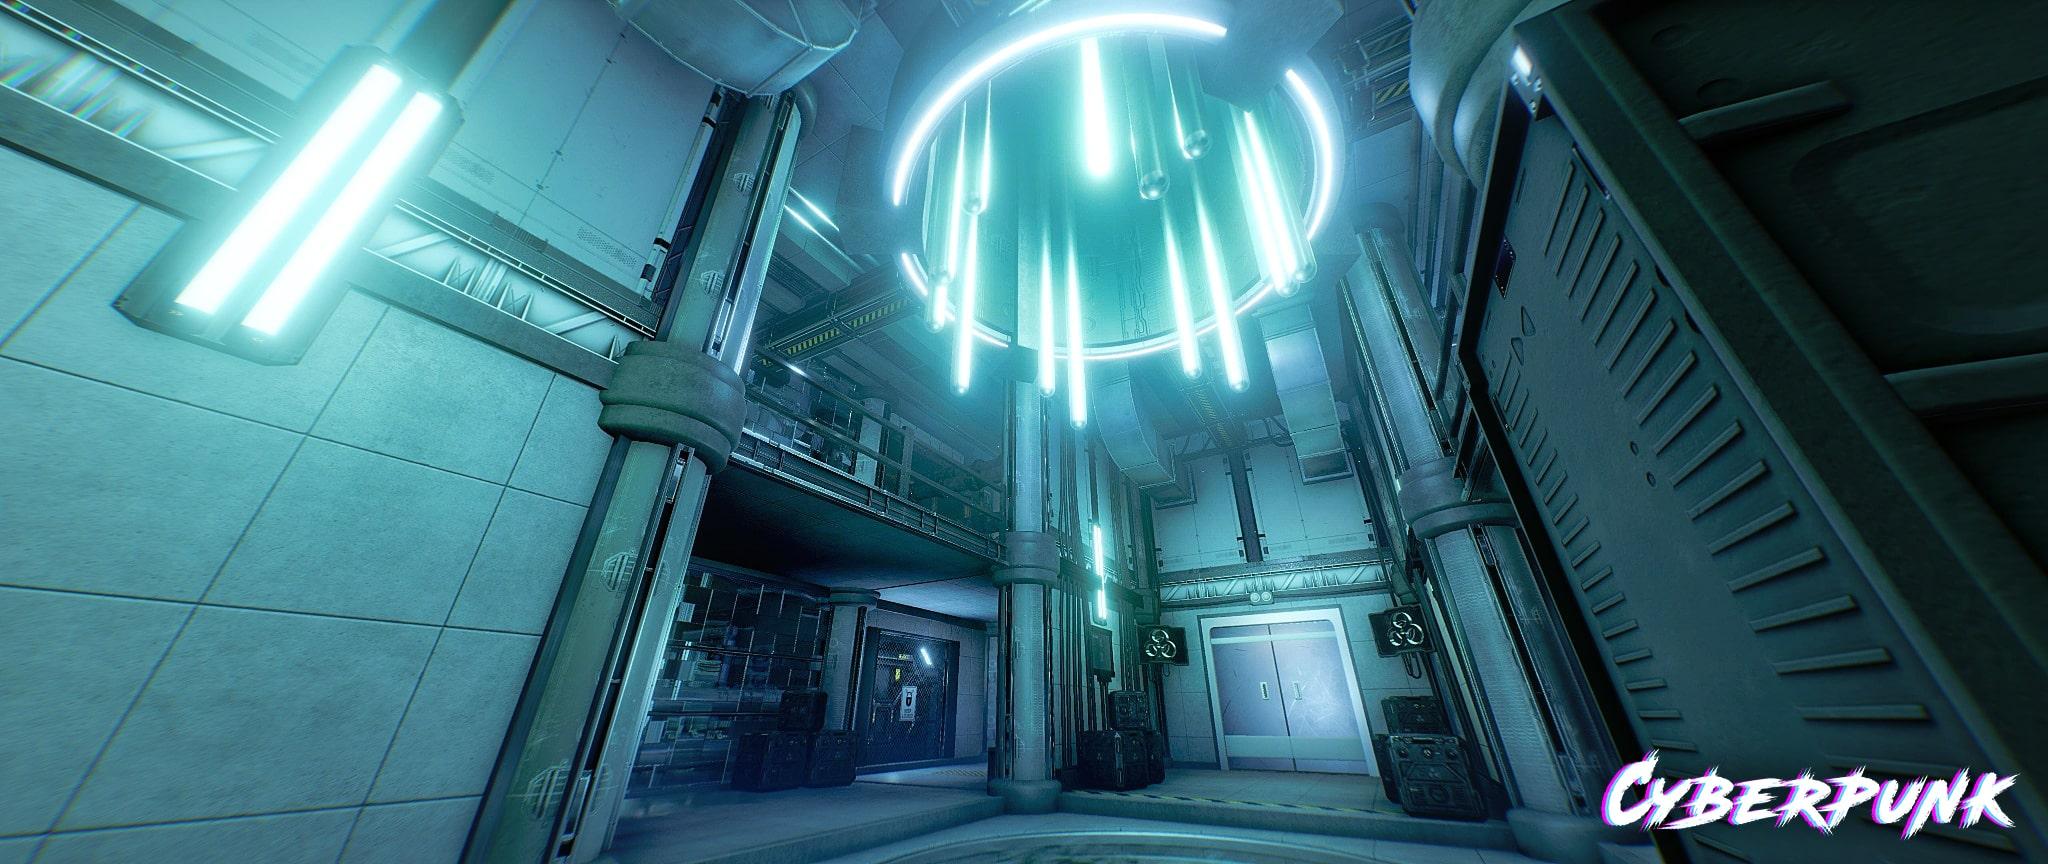 Cyberpunk 8